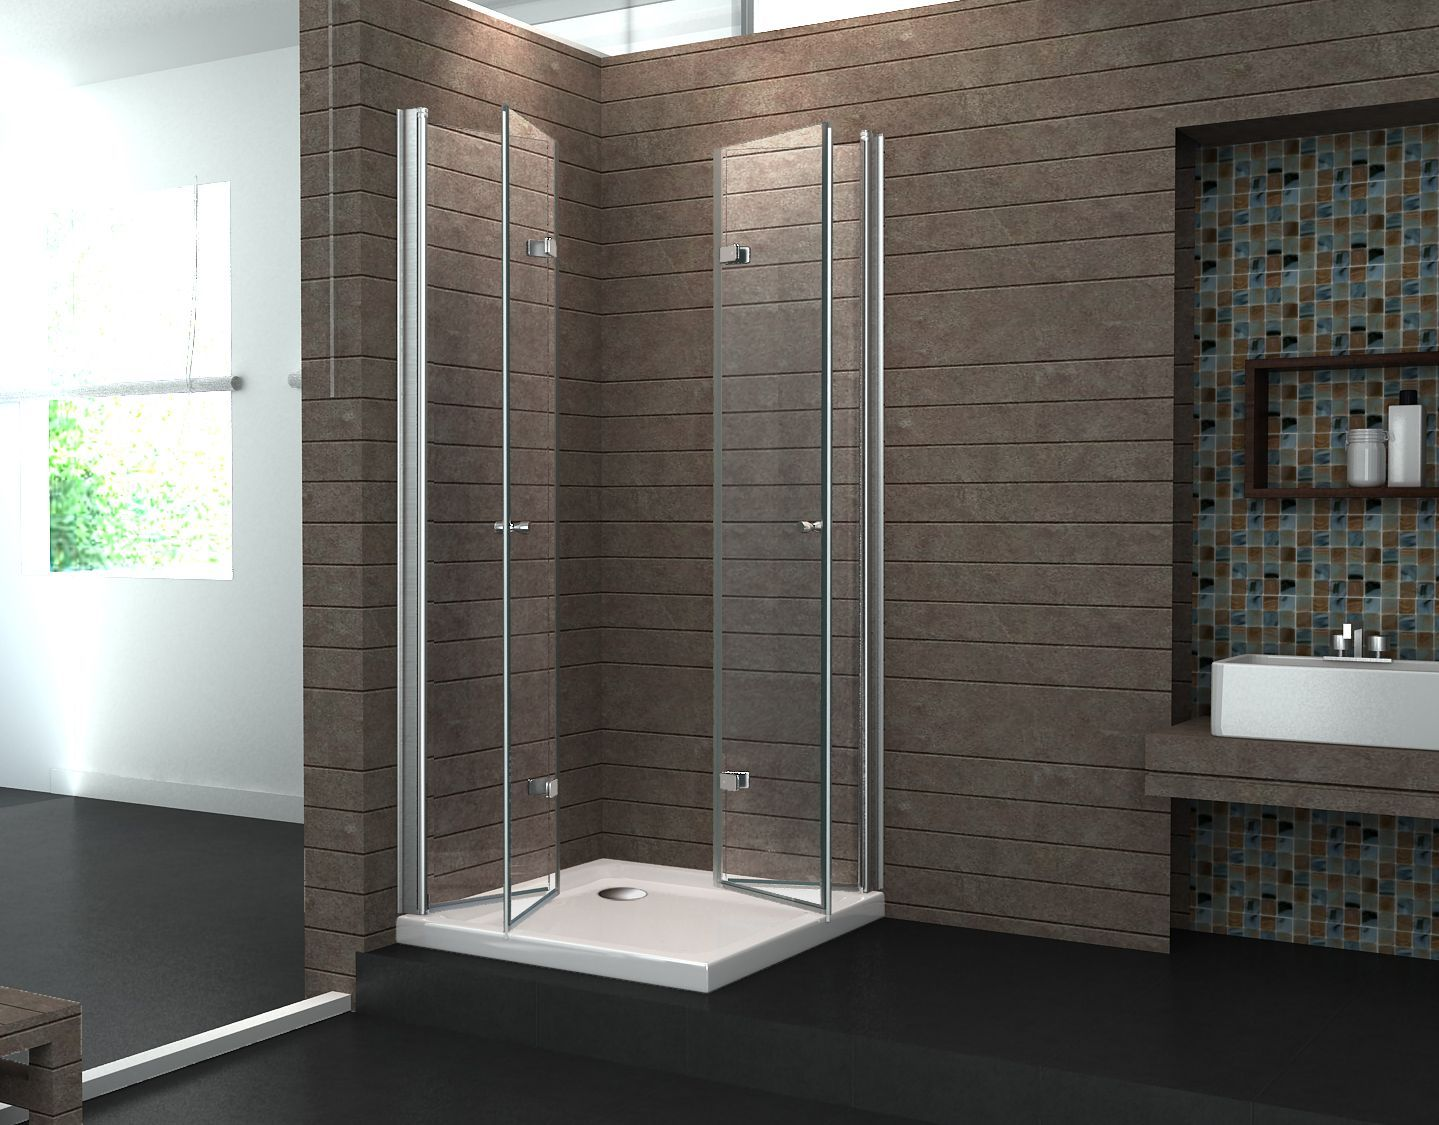 Viertelkreis Duschkabine Eckeinstieg Dusche